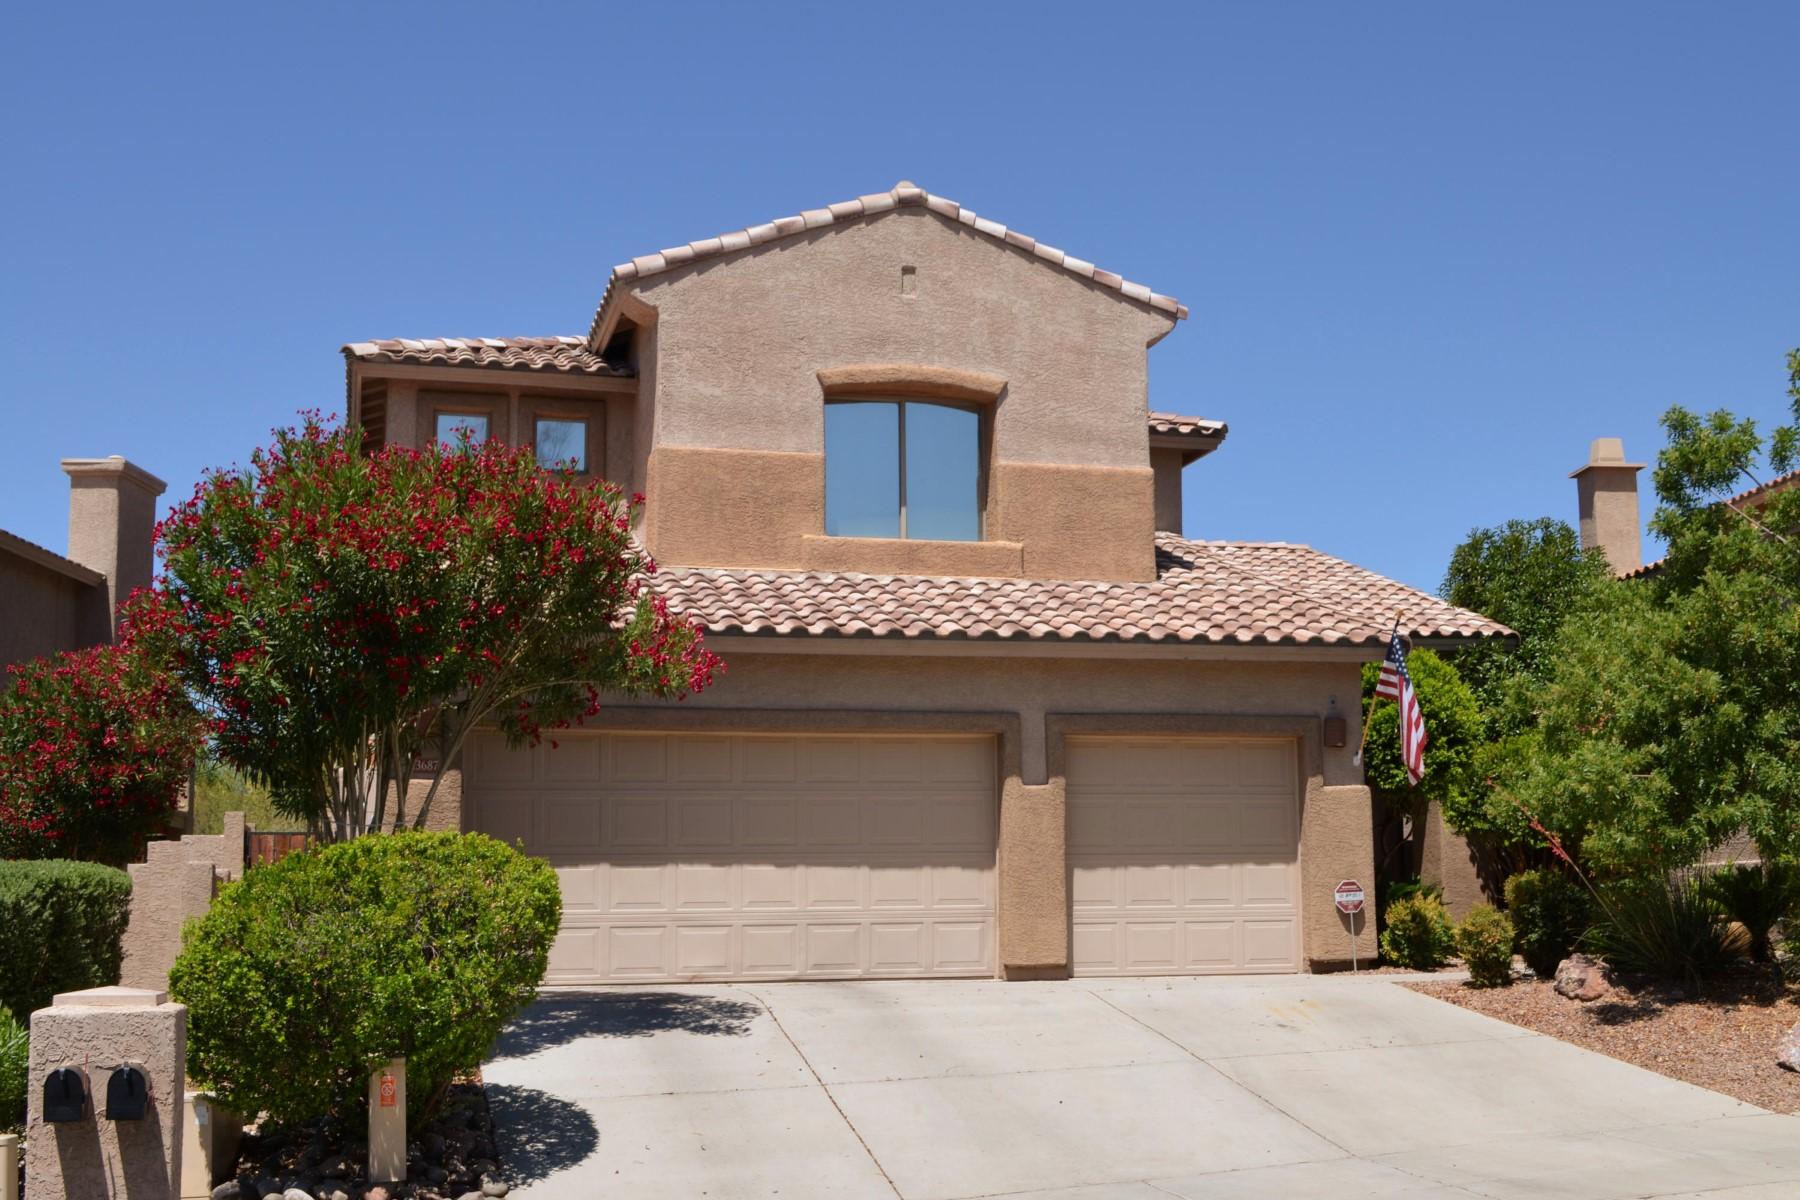 Casa Unifamiliar por un Venta en Beautifully appointed four Bedroom/ three Bath home. 13687 N Bushwacker Place Oro Valley, Arizona 85755 Estados Unidos